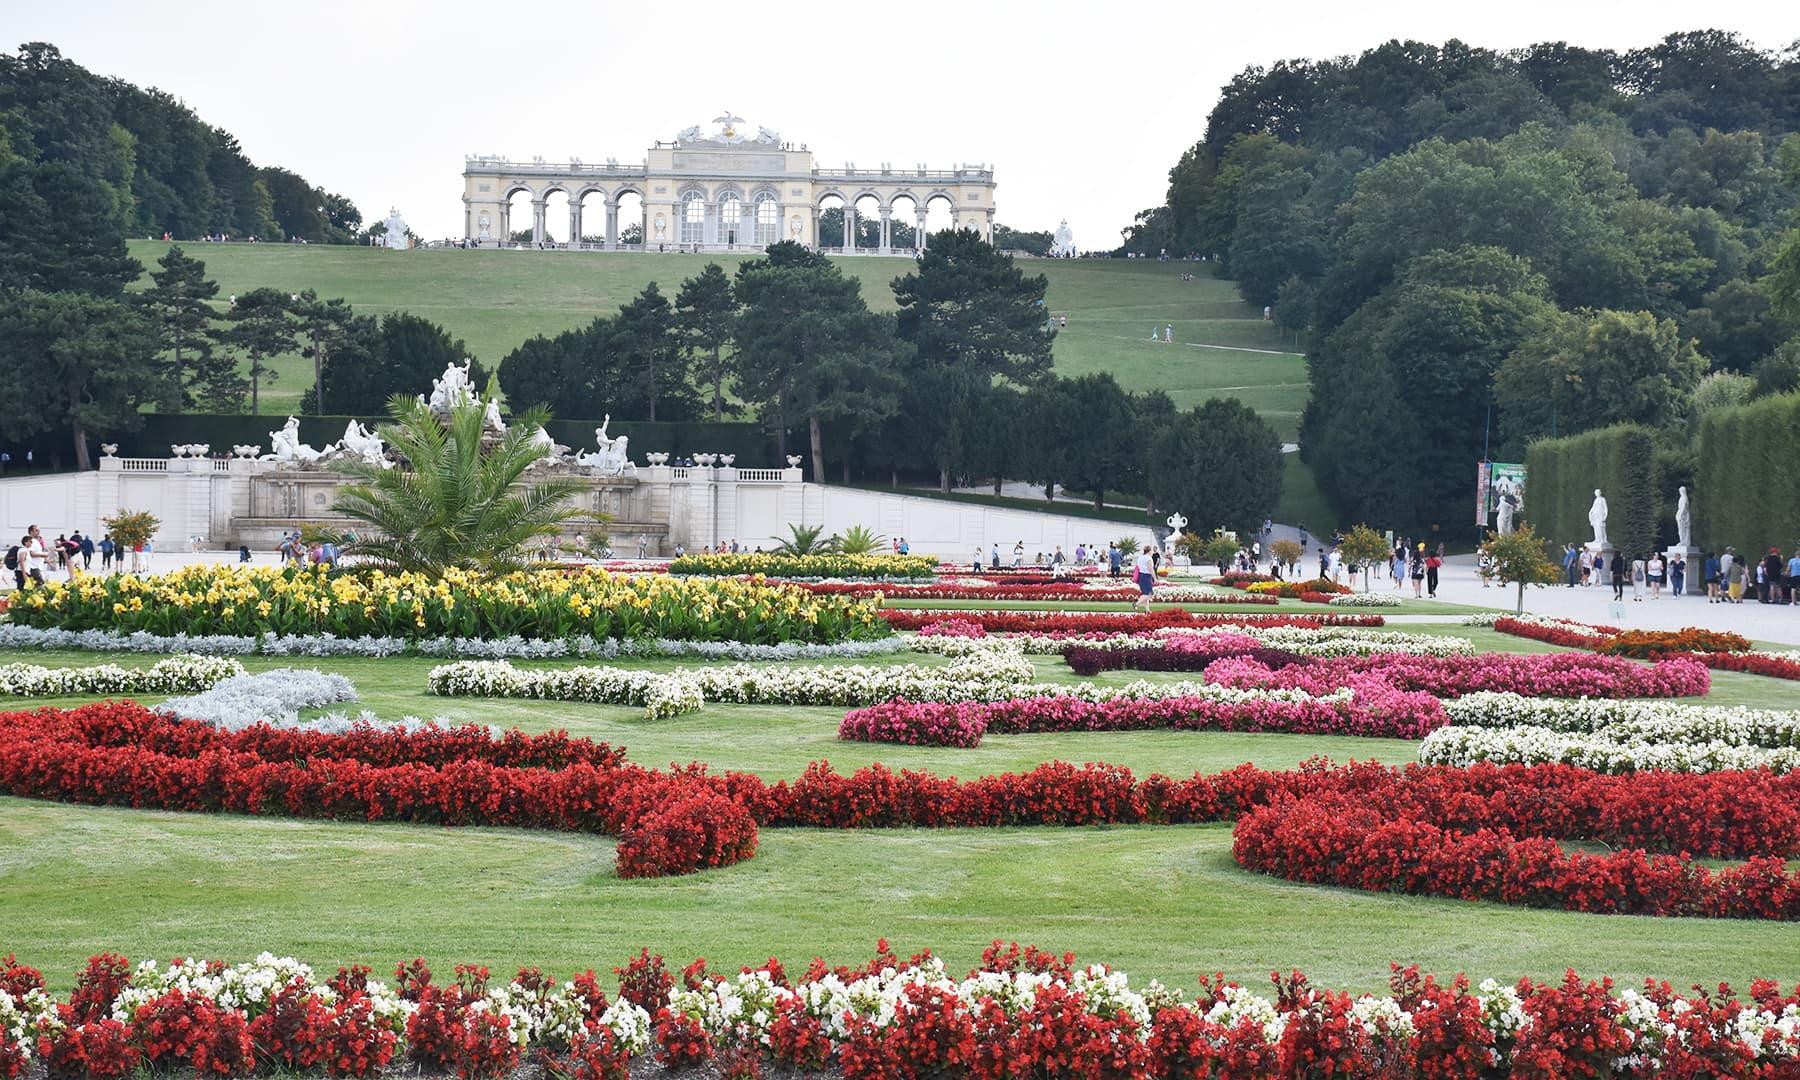 محل ایک وسیع و عریض رقبے پر پھیلا ہوا ہے، جس کا بڑا حصہ باغ اور پارک کی صورت میں ہے